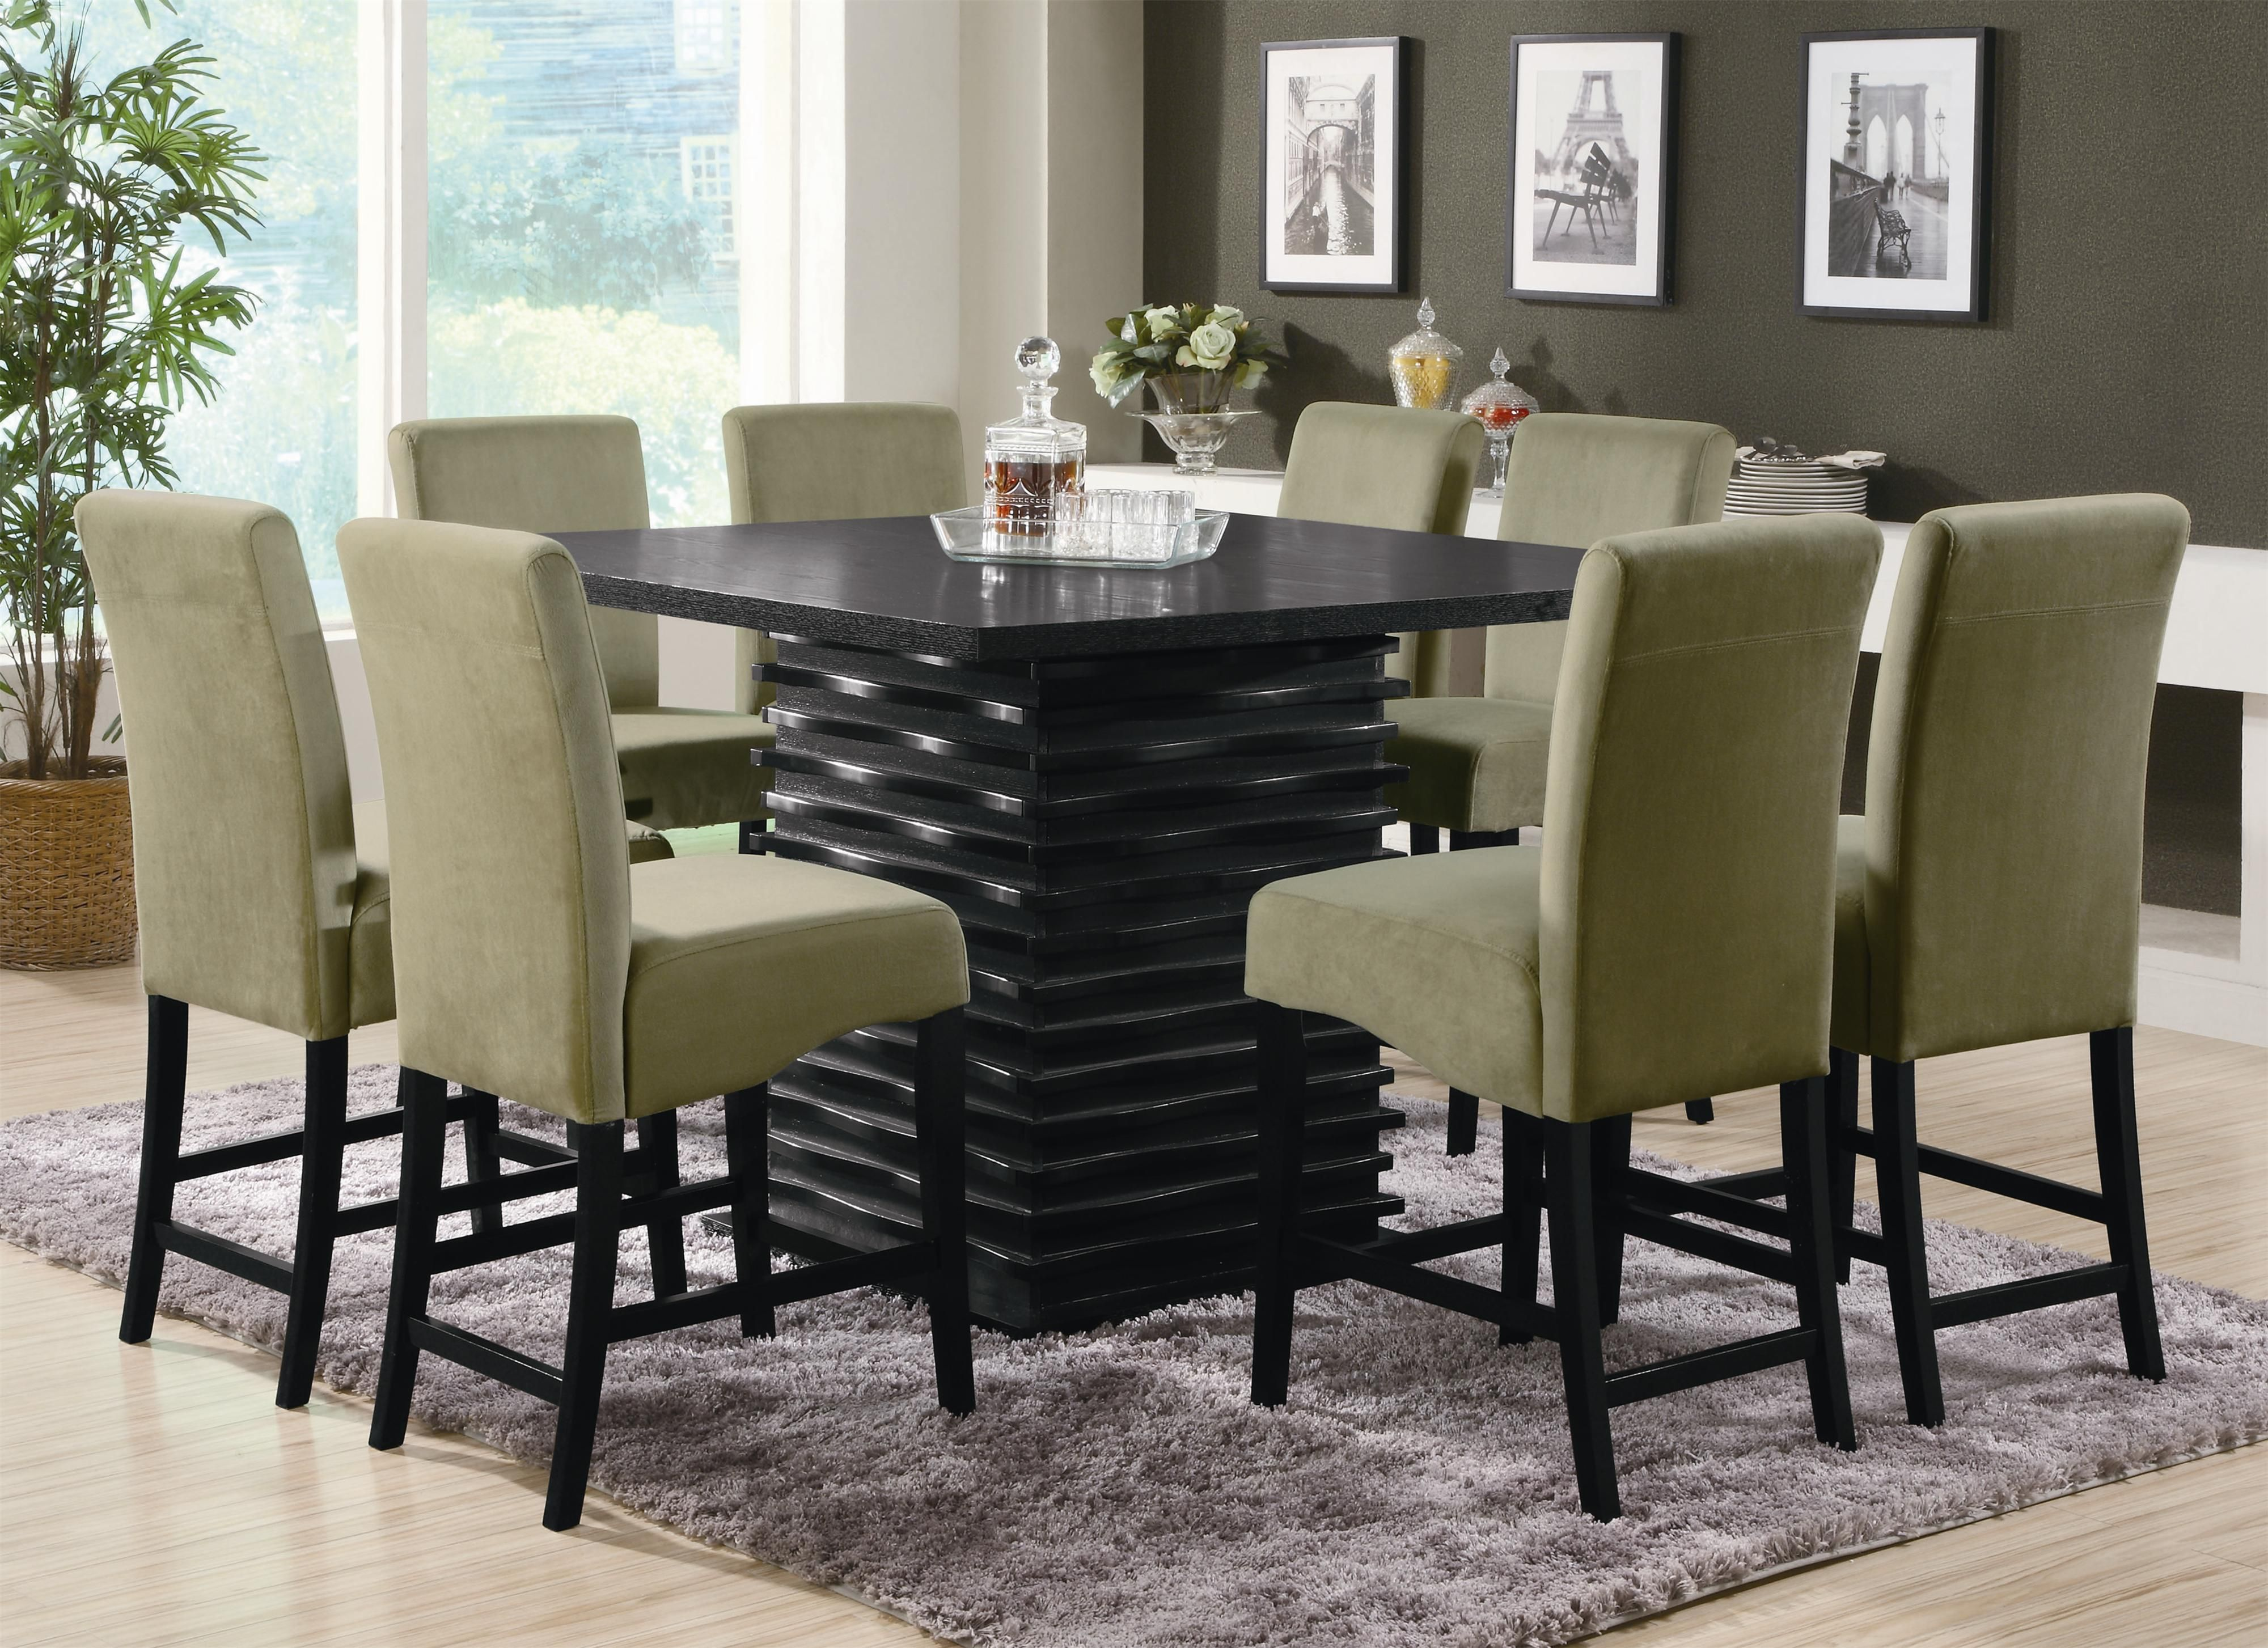 10 Small Dinette Set Design  Dinette Sets Square Tables And Fascinating Dining Room Set For 10 Decorating Design